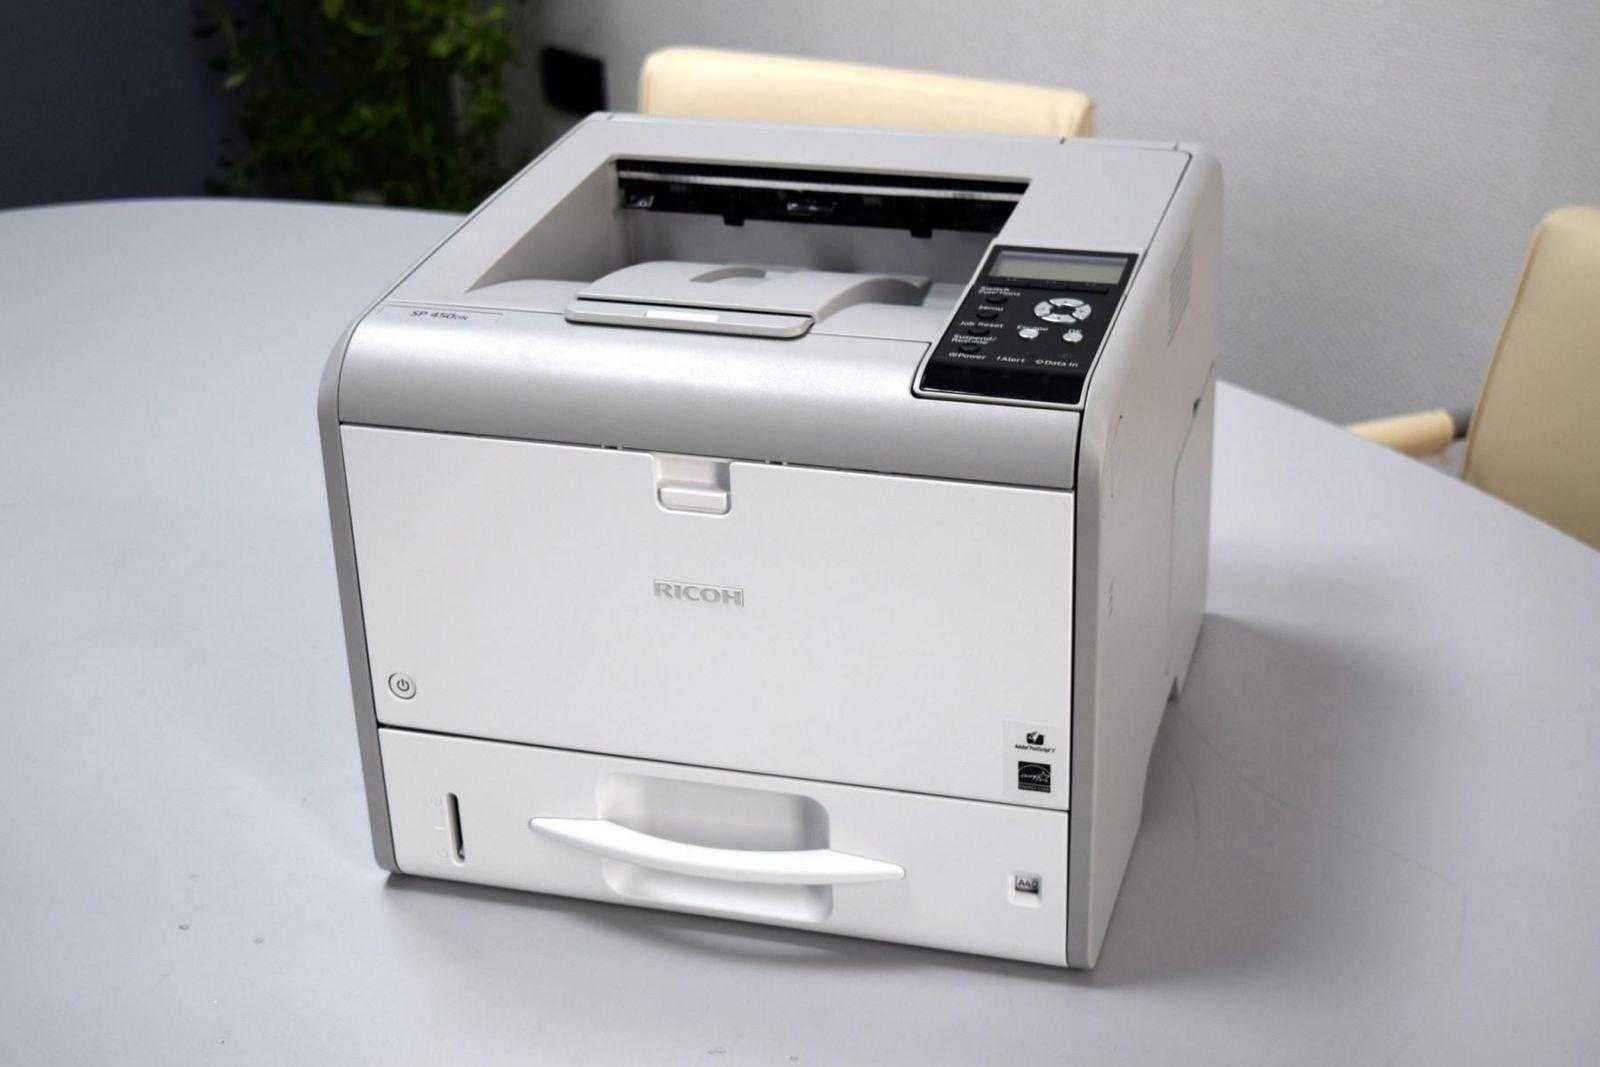 DSC 0748 - Обзор принтера Ricoh SP 450DN. Быстрая печать для офиса